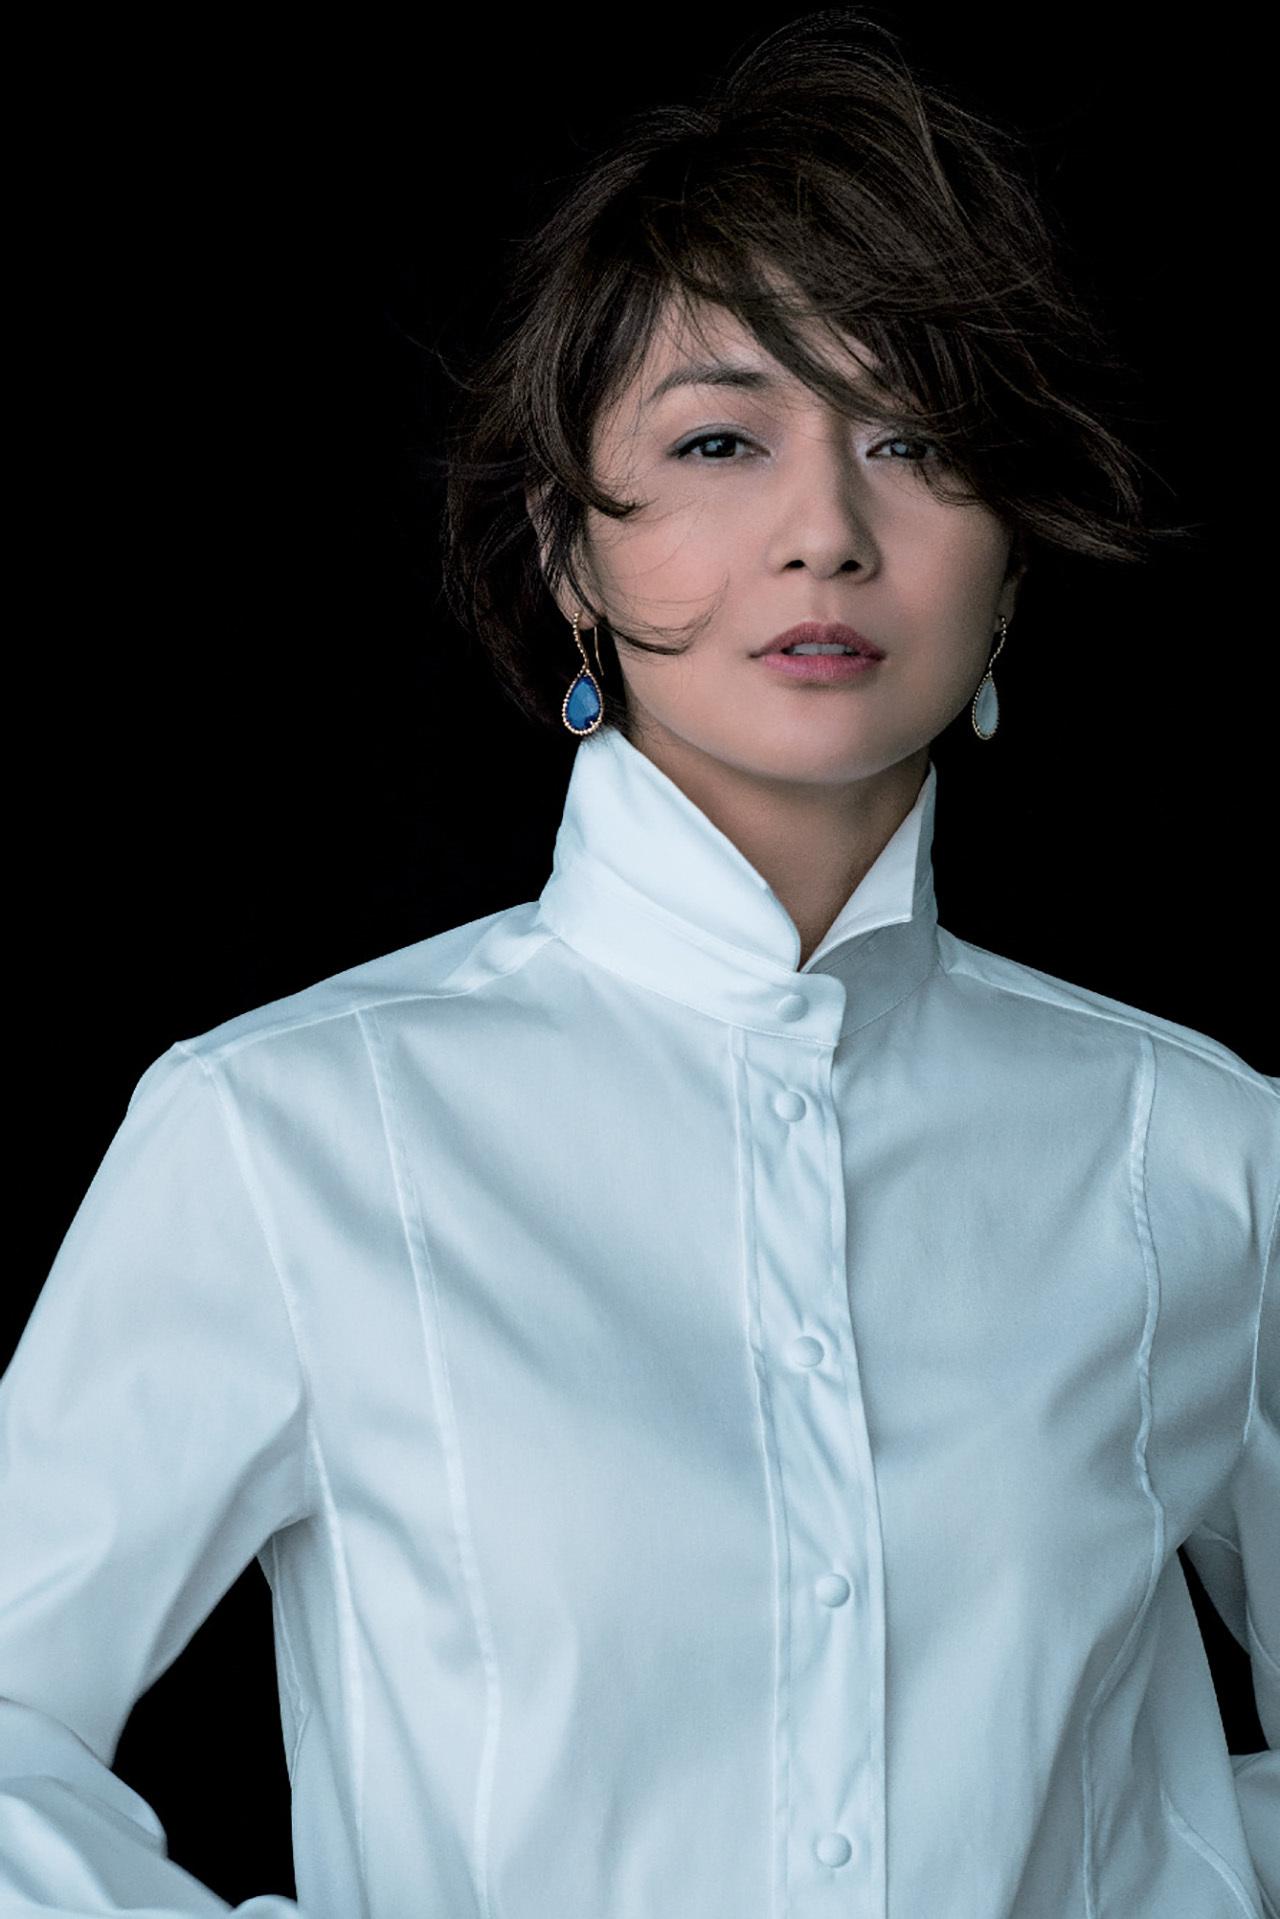 富岡佳子がまとう「白シャツにゴールドのジュエリー」 五選_1_1-3